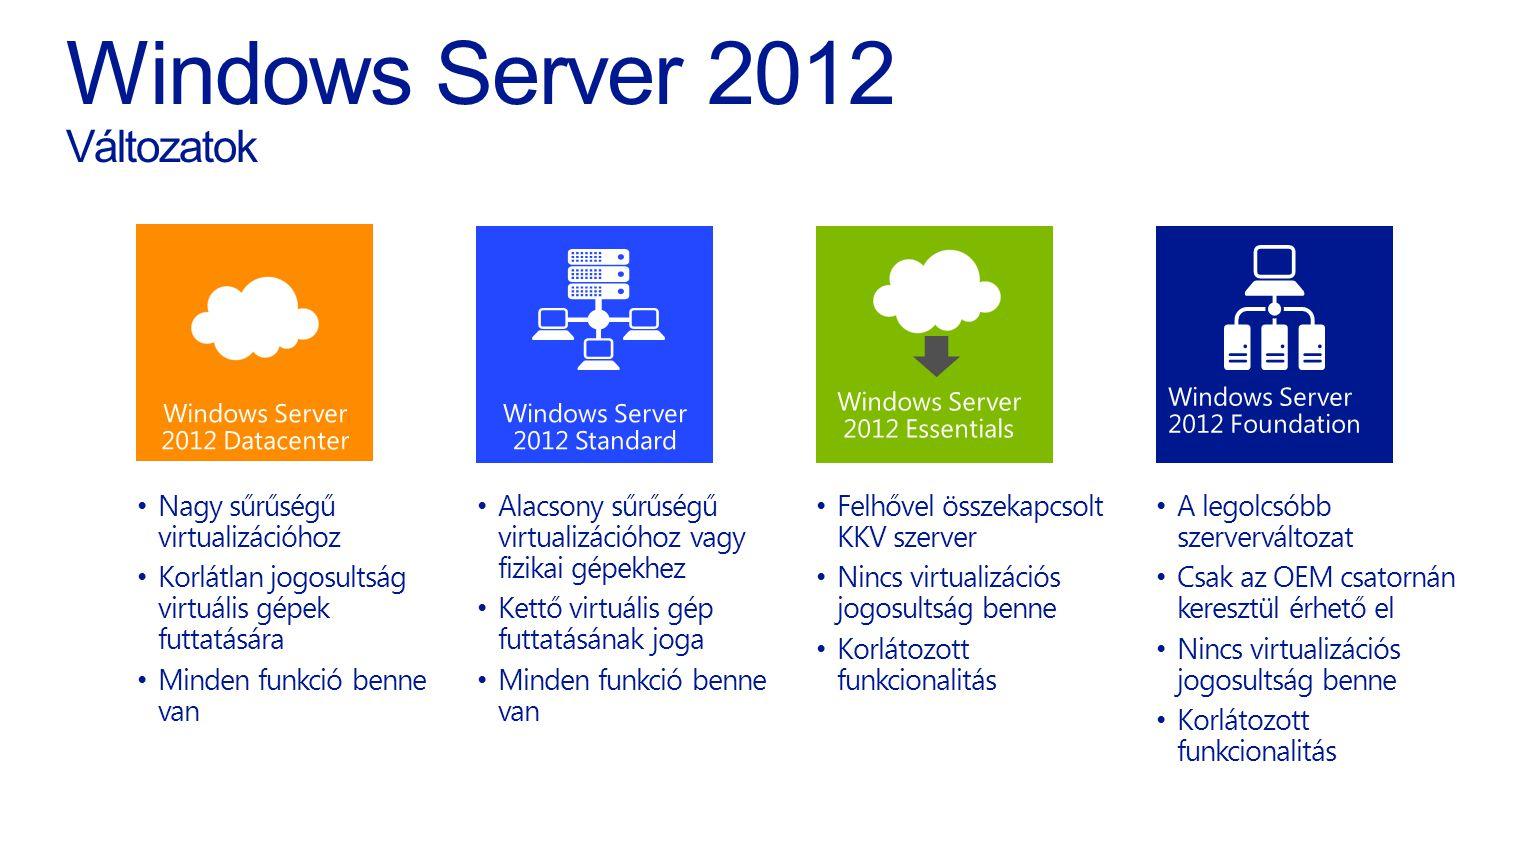 Windows Server 2012 Változatok A legolcsóbb szerverváltozat Csak az OEM csatornán keresztül érhető el Nincs virtualizációs jogosultság benne Korlátozo